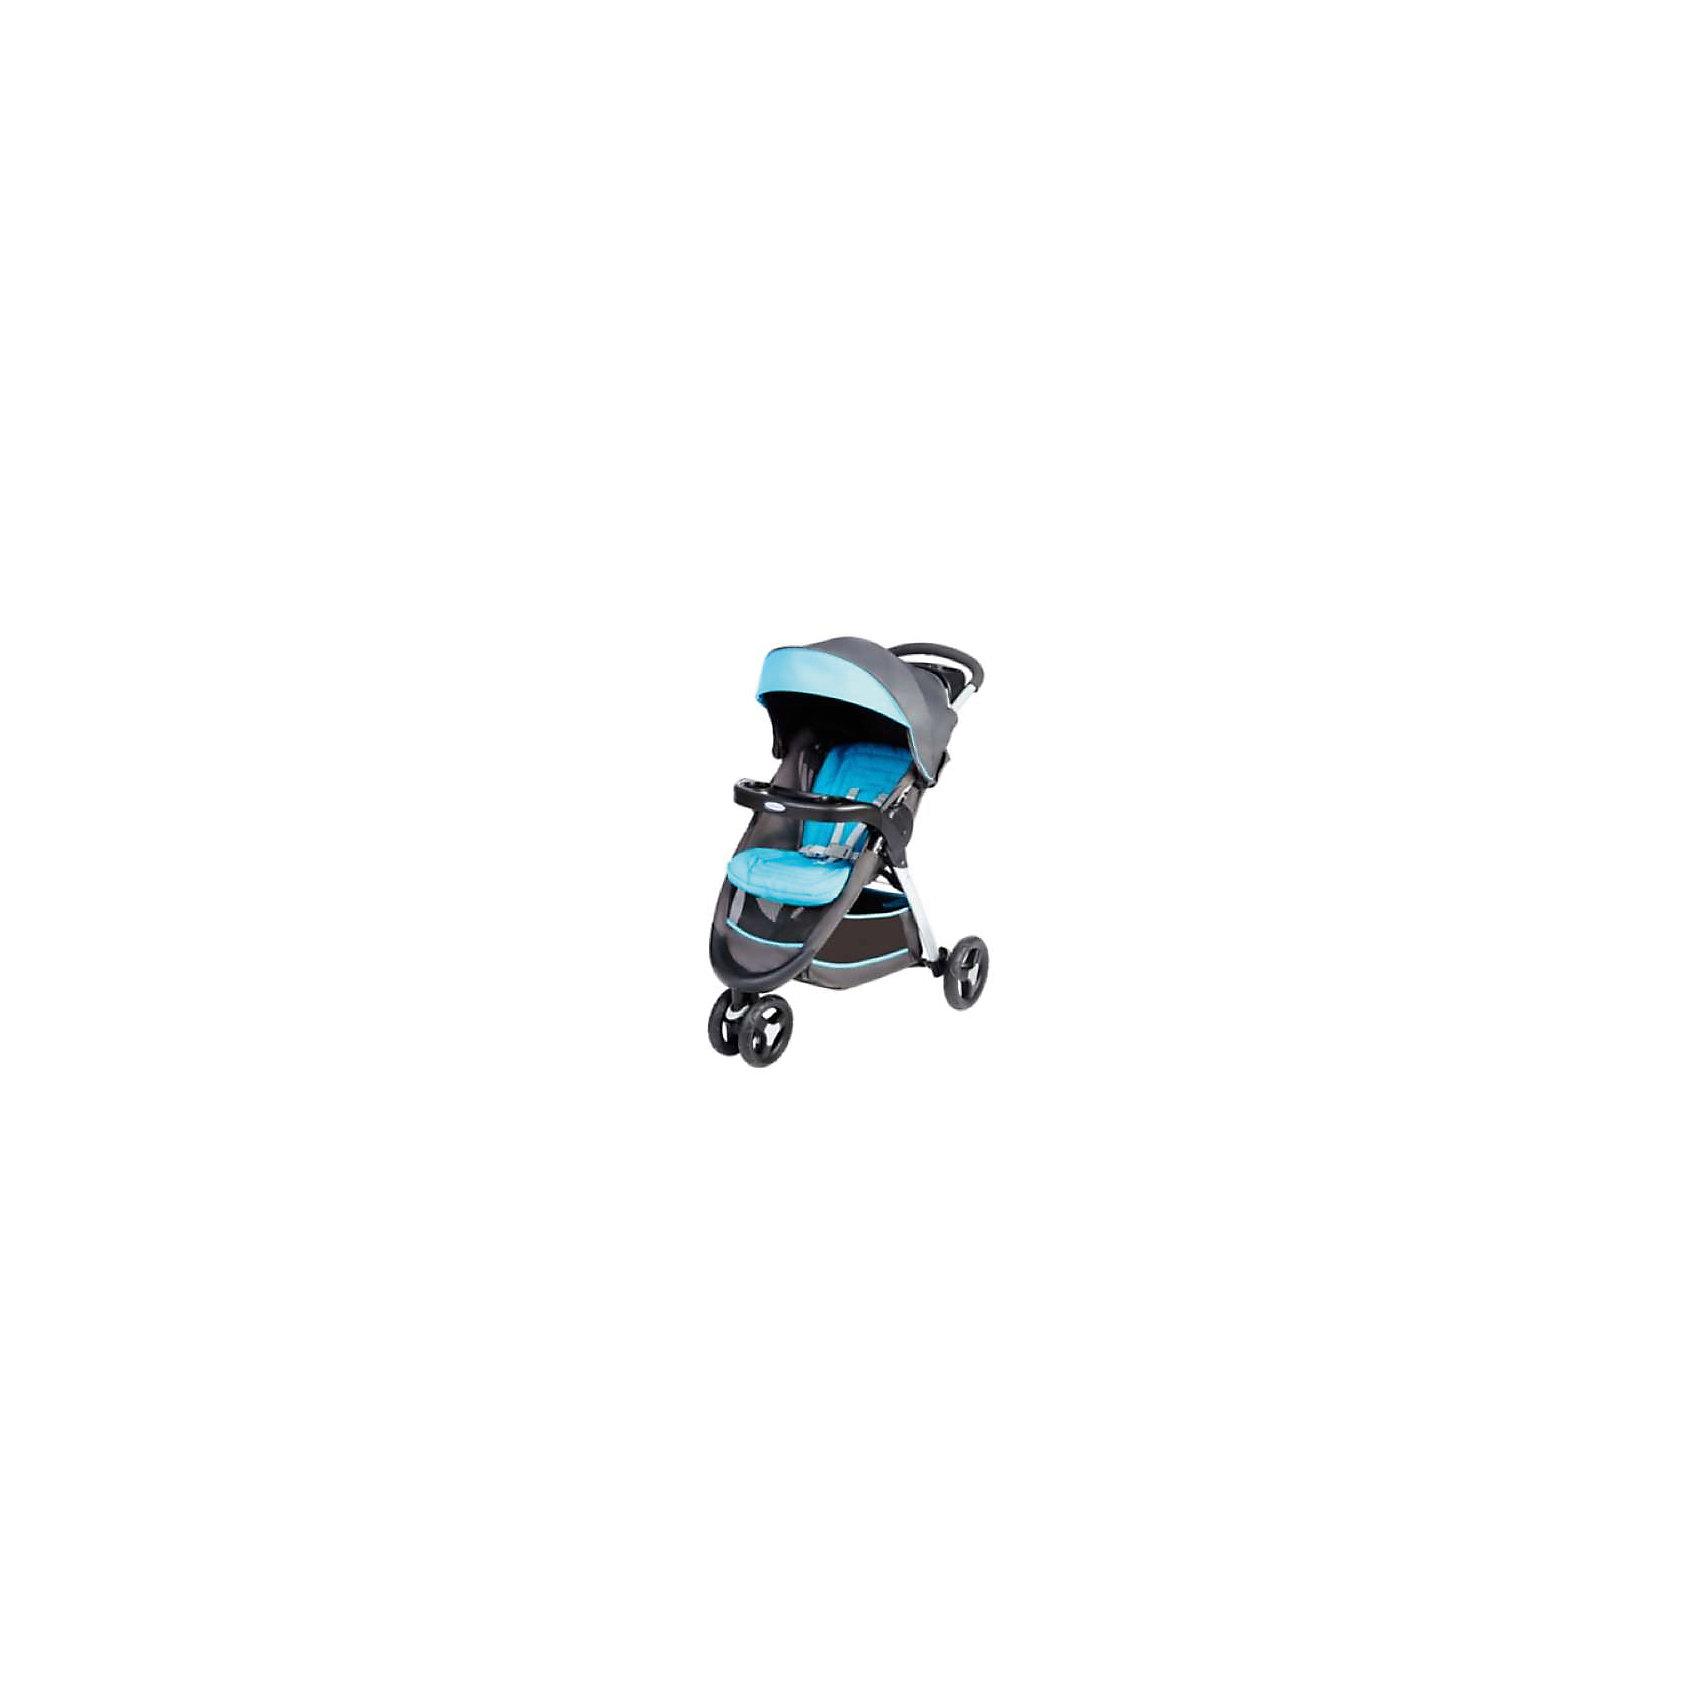 Прогулочная коляска Graco Fastaction Fold, серый-голубойПрогулочные коляски<br>Новинка от американского производителя Graco! Эта легкая трехколесная прогулочная коляска обеспечивает исключительную маневренность на любой поверхности, а большой пластиковый съемный лоток-столик для бутылочек, пластиковая стационарная консоль для родителей возле ручки, и спортивный дизайн, делают эту модель практичной и стильной одновременно. Спинка коляски с мягкой набивкой имеет несколько положений наклона, в том числе полностью горизонтальное, и оснащена 5-точечными ремнями безопасности, что обеспечивает исключительный комфорт для растущего малыша. Модель имеет легкую раму,  большой капюшон со складным верхом и вместительную корзину для вещей и игрушек. Руки мамы обычно заняты. Чтобы сложить эту коляску, требуется всего одна рука! Под мягкой верхней обивкой сиденья находится тесьма-защелка, за которую нужно потянуть, чтобы сложить или разложить коляску обратно. Коляска складывается буквально за секунду!<br><br>Дополнительная информация:<br><br>- Материал: алюминий, текстиль, резина, пластик.<br>- Размер: 79х62х107 см.<br>- Размер в сложенном виде: 40х62х71 см.<br>- Количество колес: 3 (переднее сдвоенное).<br>- Тип складывания: книжка.<br>- Ножной тормоз.<br>- Регулируемый наклон спинки (до 180 градусов).<br>- Пятиточечные ремни безопасности.<br>- Корзина для вещей.<br>- Удобный столик - подстаканник.<br>- Ручка эргономичной формы<br>- Лоток для бутылочек на ручке. <br>- Максимальный вес ребенка:  кг.<br>- Вес: 9,6 кг. <br><br>Прогулочную коляску Fastaction Fold, Graco (Грако), серо-голубую, можно купить в нашем магазине.<br><br>Ширина мм: 790<br>Глубина мм: 620<br>Высота мм: 1060<br>Вес г: 11500<br>Возраст от месяцев: 6<br>Возраст до месяцев: 36<br>Пол: Унисекс<br>Возраст: Детский<br>SKU: 4711689